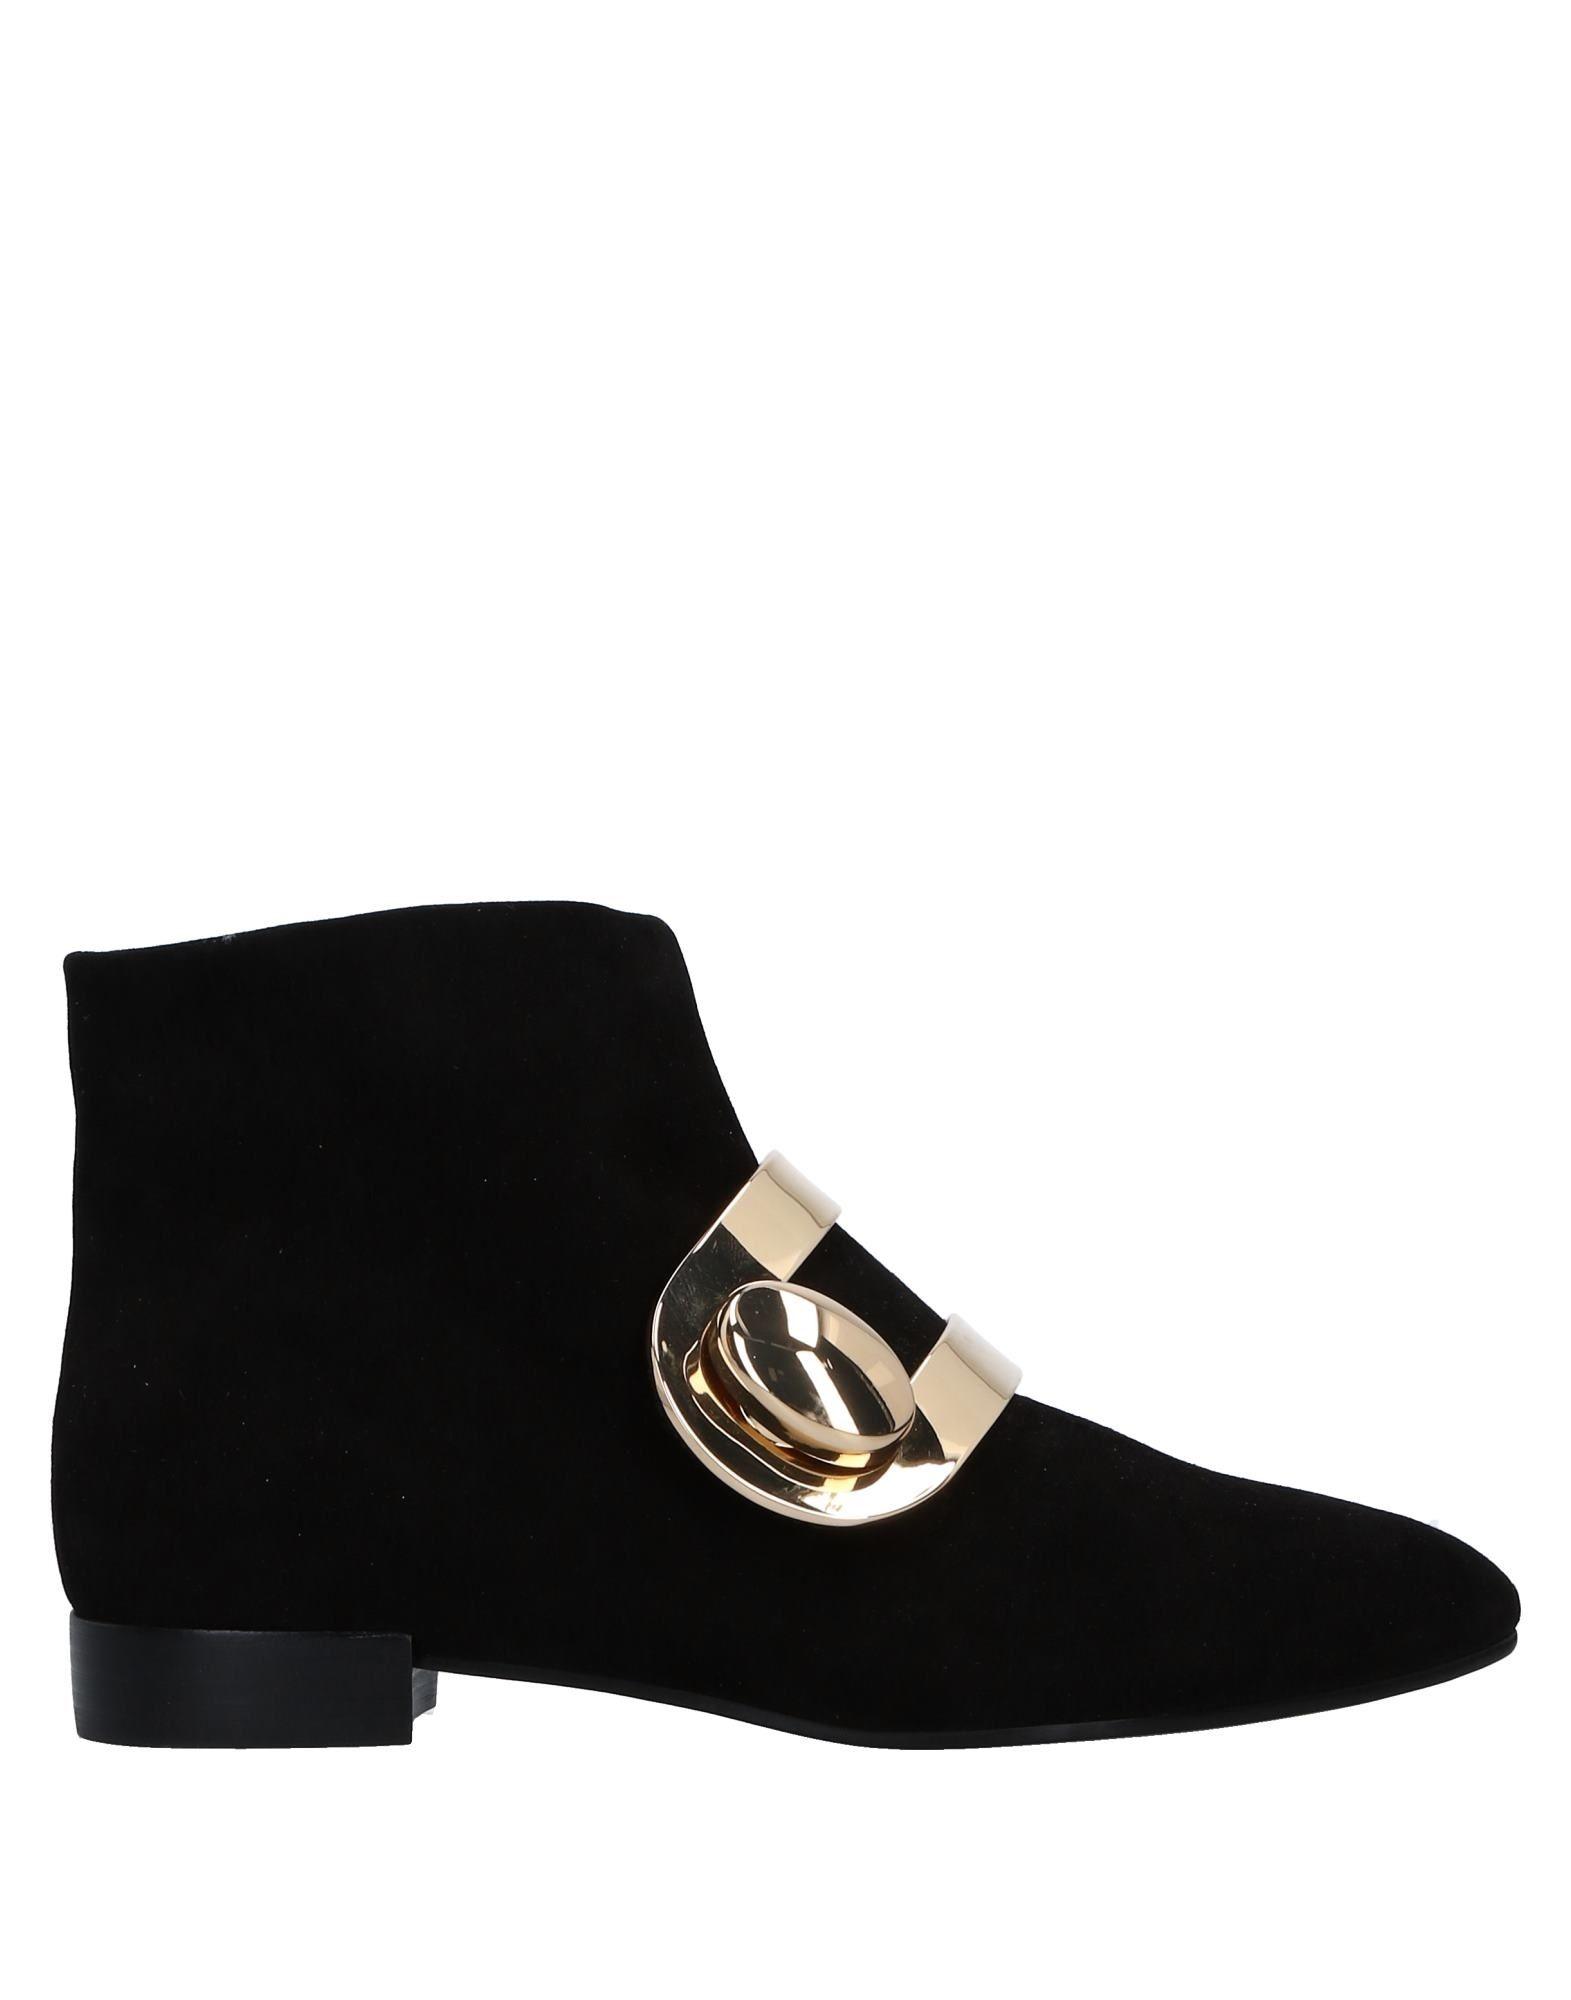 Stella Luna Stiefelette Damen  11539268LNGünstige gut aussehende Schuhe